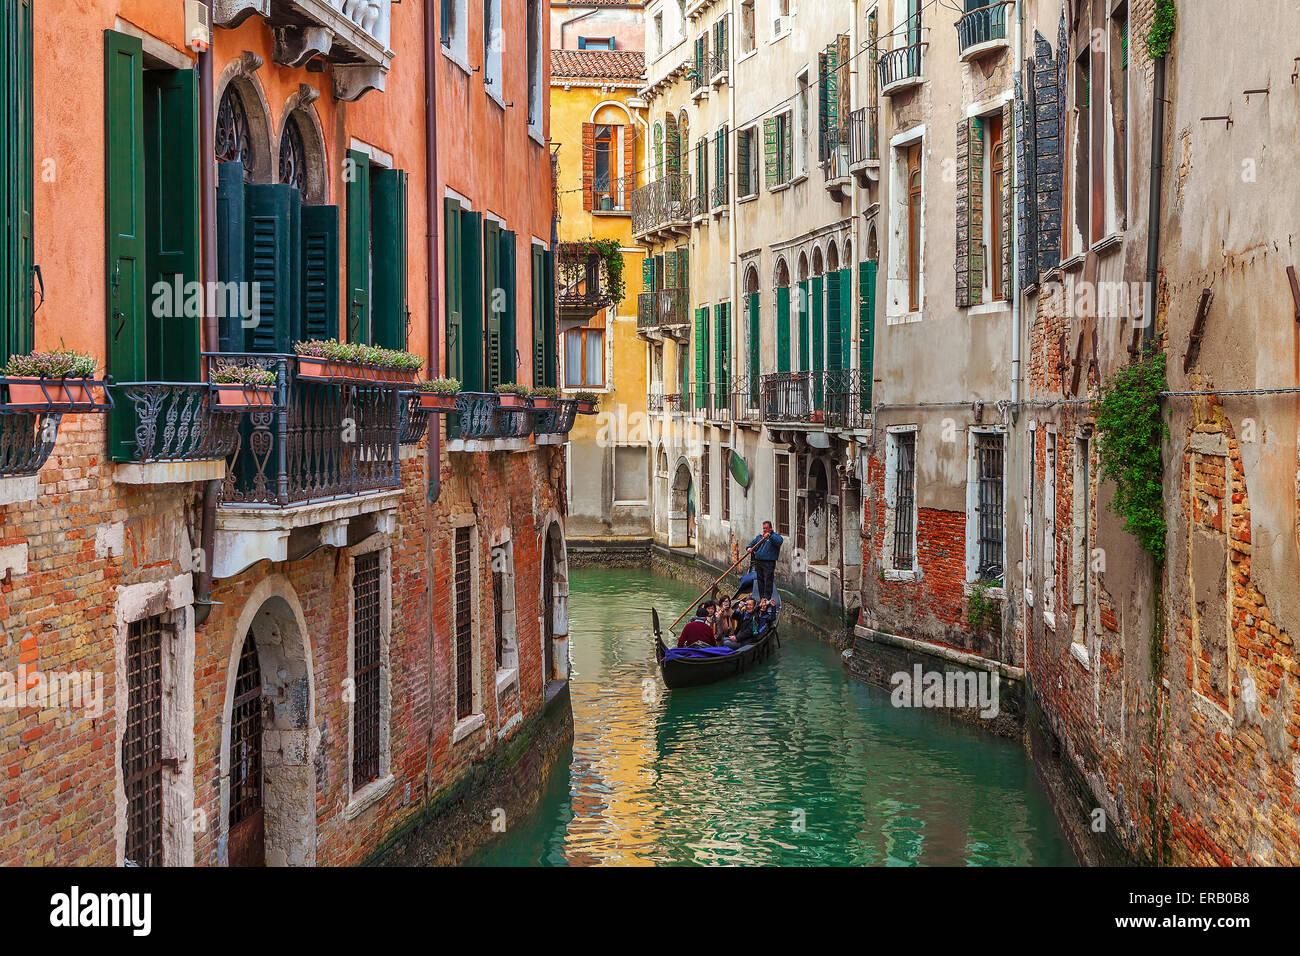 Góndola por canal pequeño entre las viejas casas en Venecia, Italia. Imagen De Stock